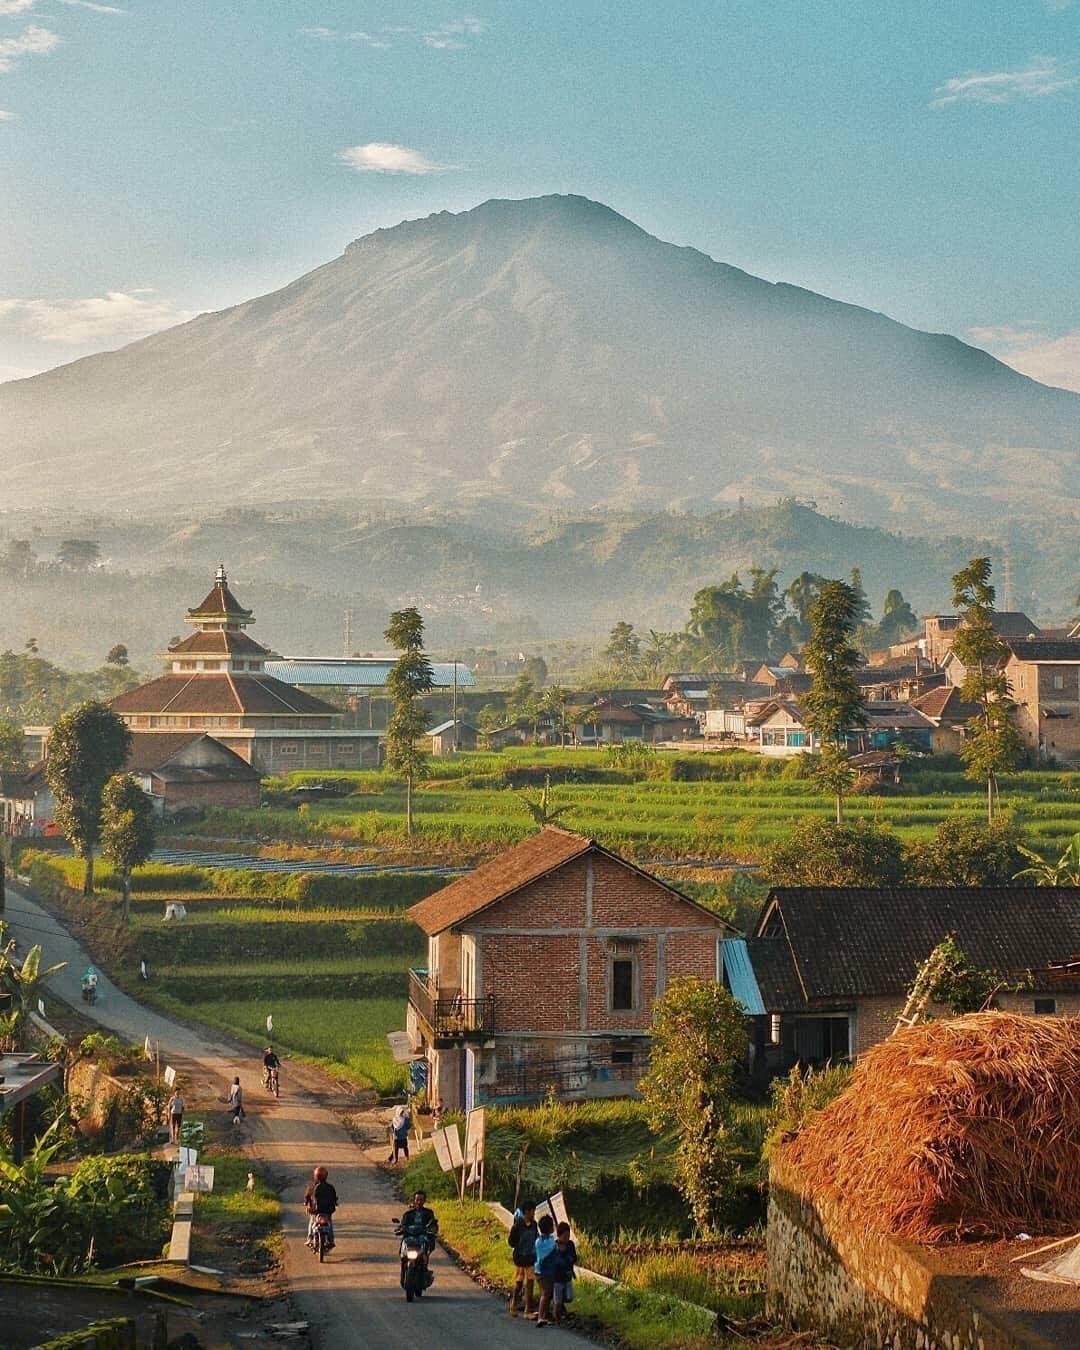 Pesona Pedesaan Sekitar Bansari Yang Berbatasan Dengan Parakan Terlihat Syahdu Dan Menenagkan Pikiran Sobat Bisa Berkunju Di 2020 Fotografi Alam Pemandangan Pedesaan